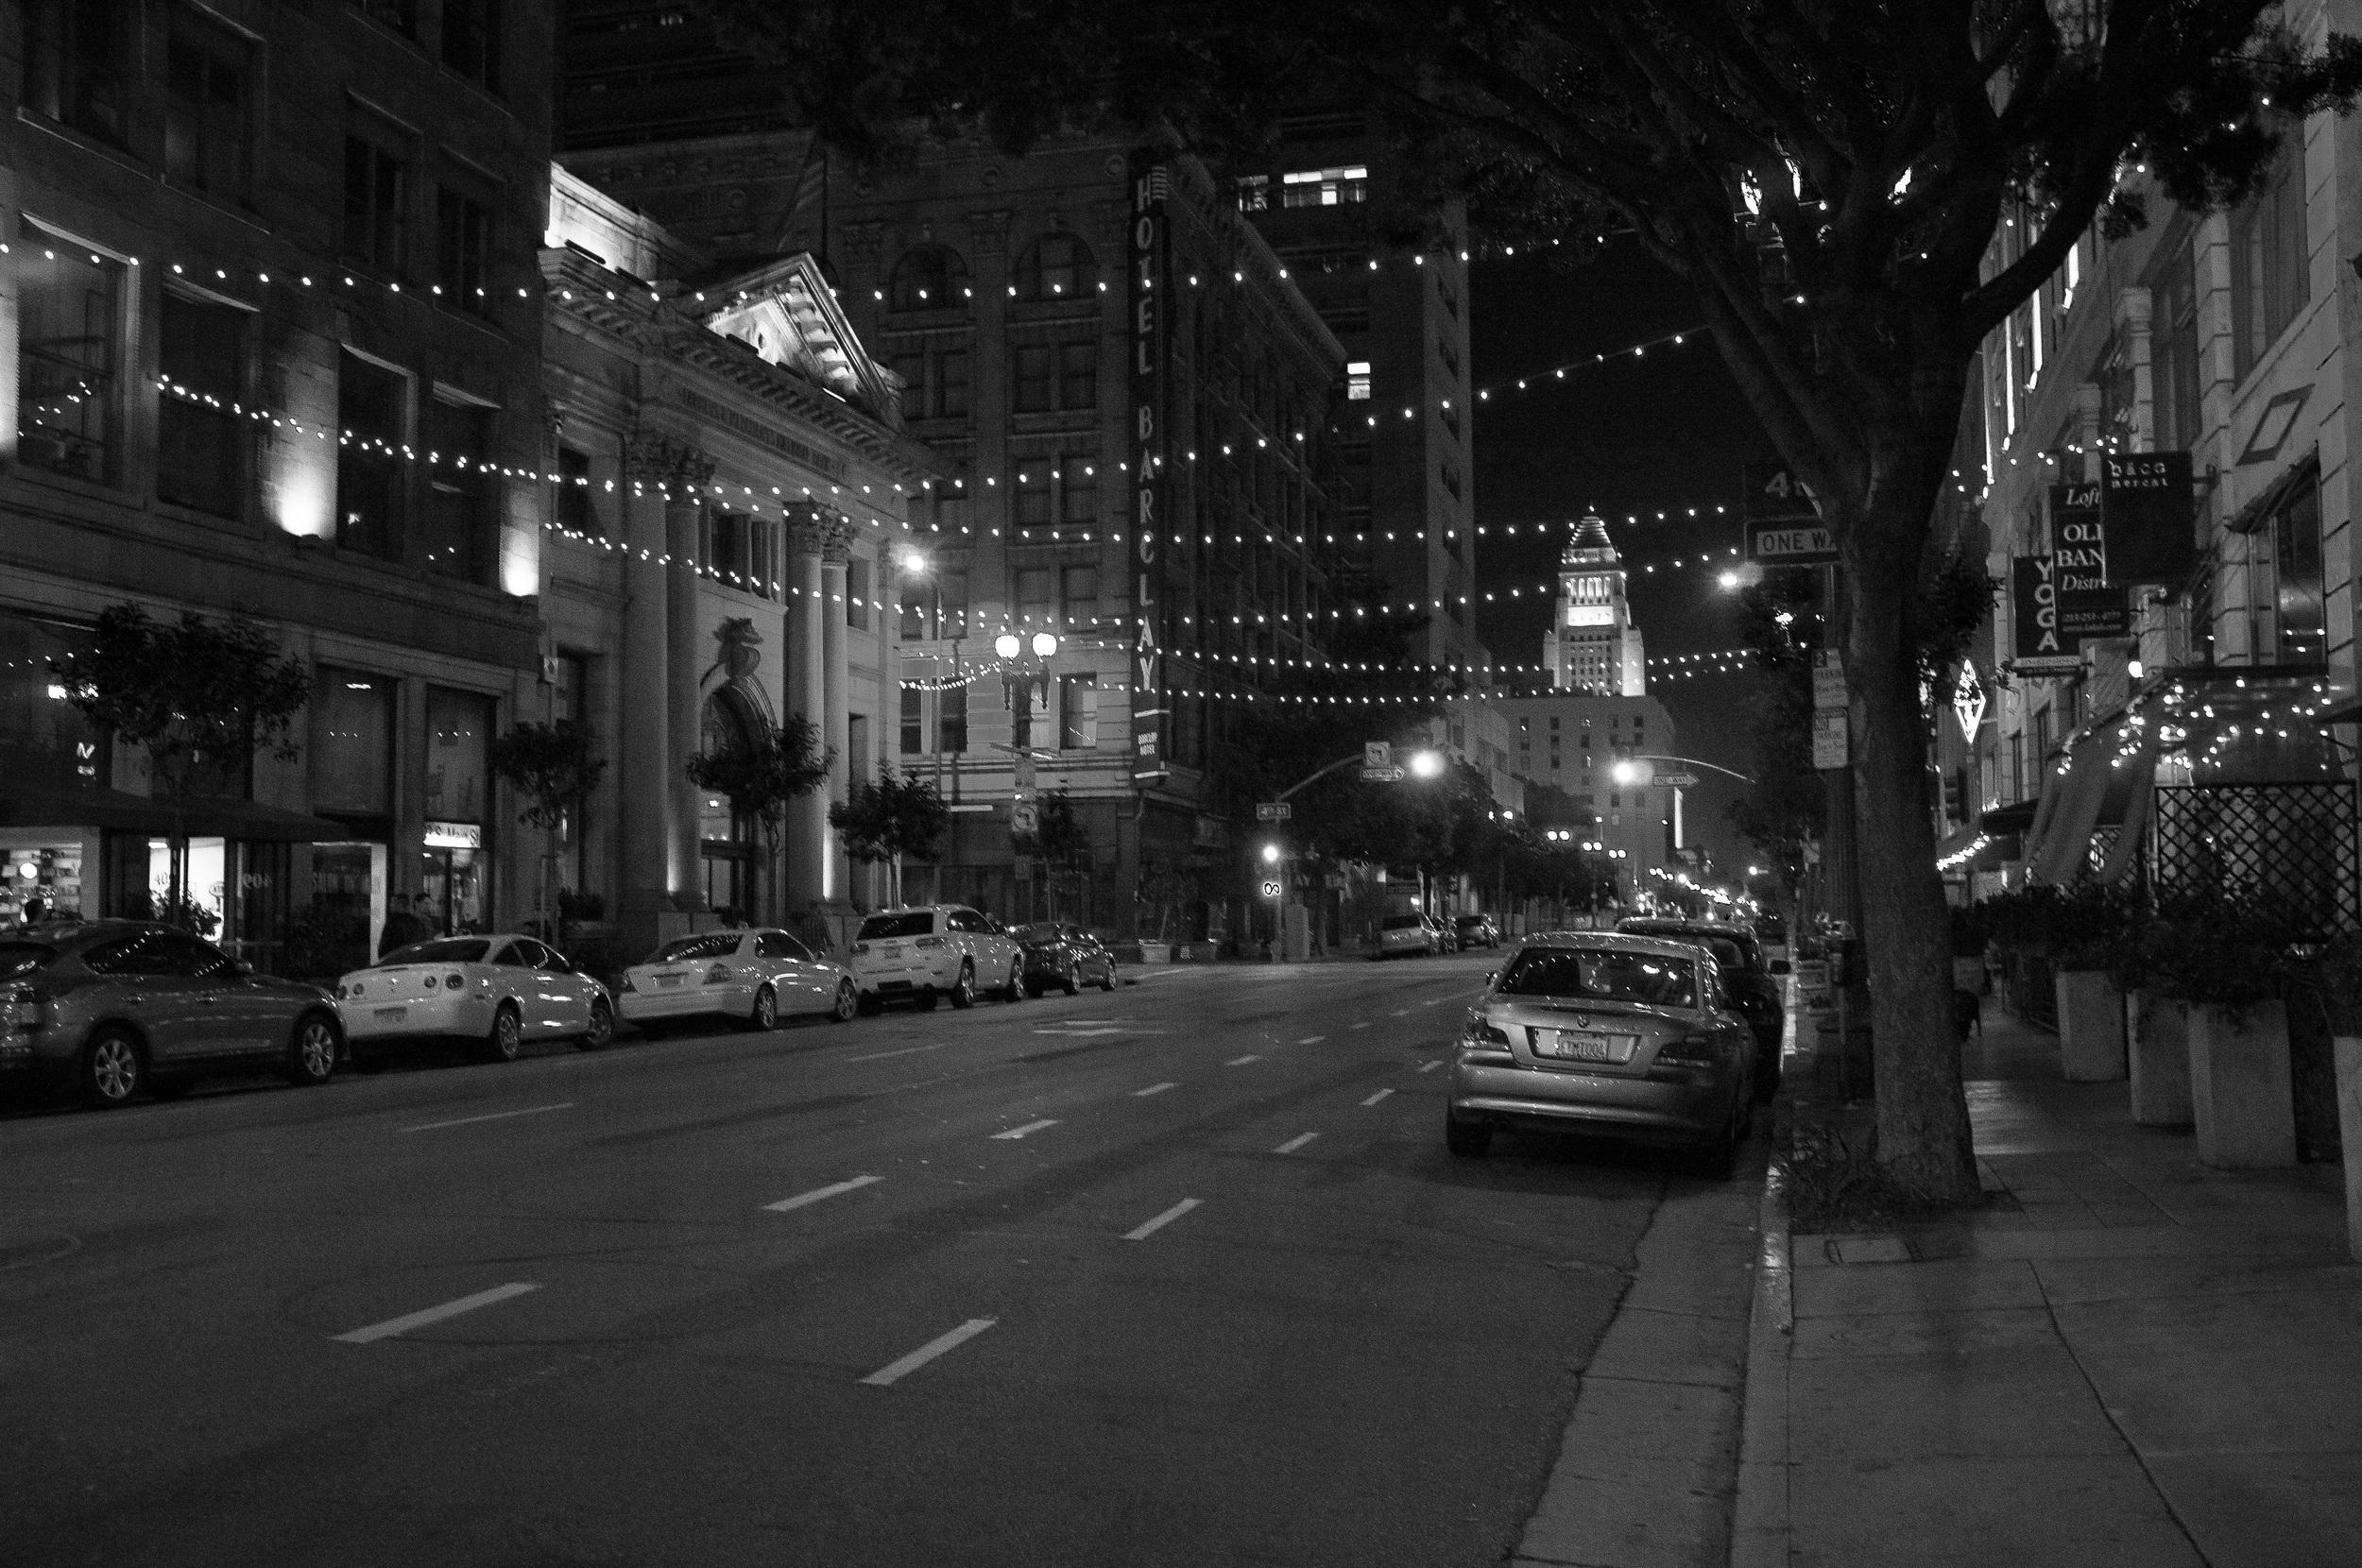 SanDiegoStreet-14.jpg